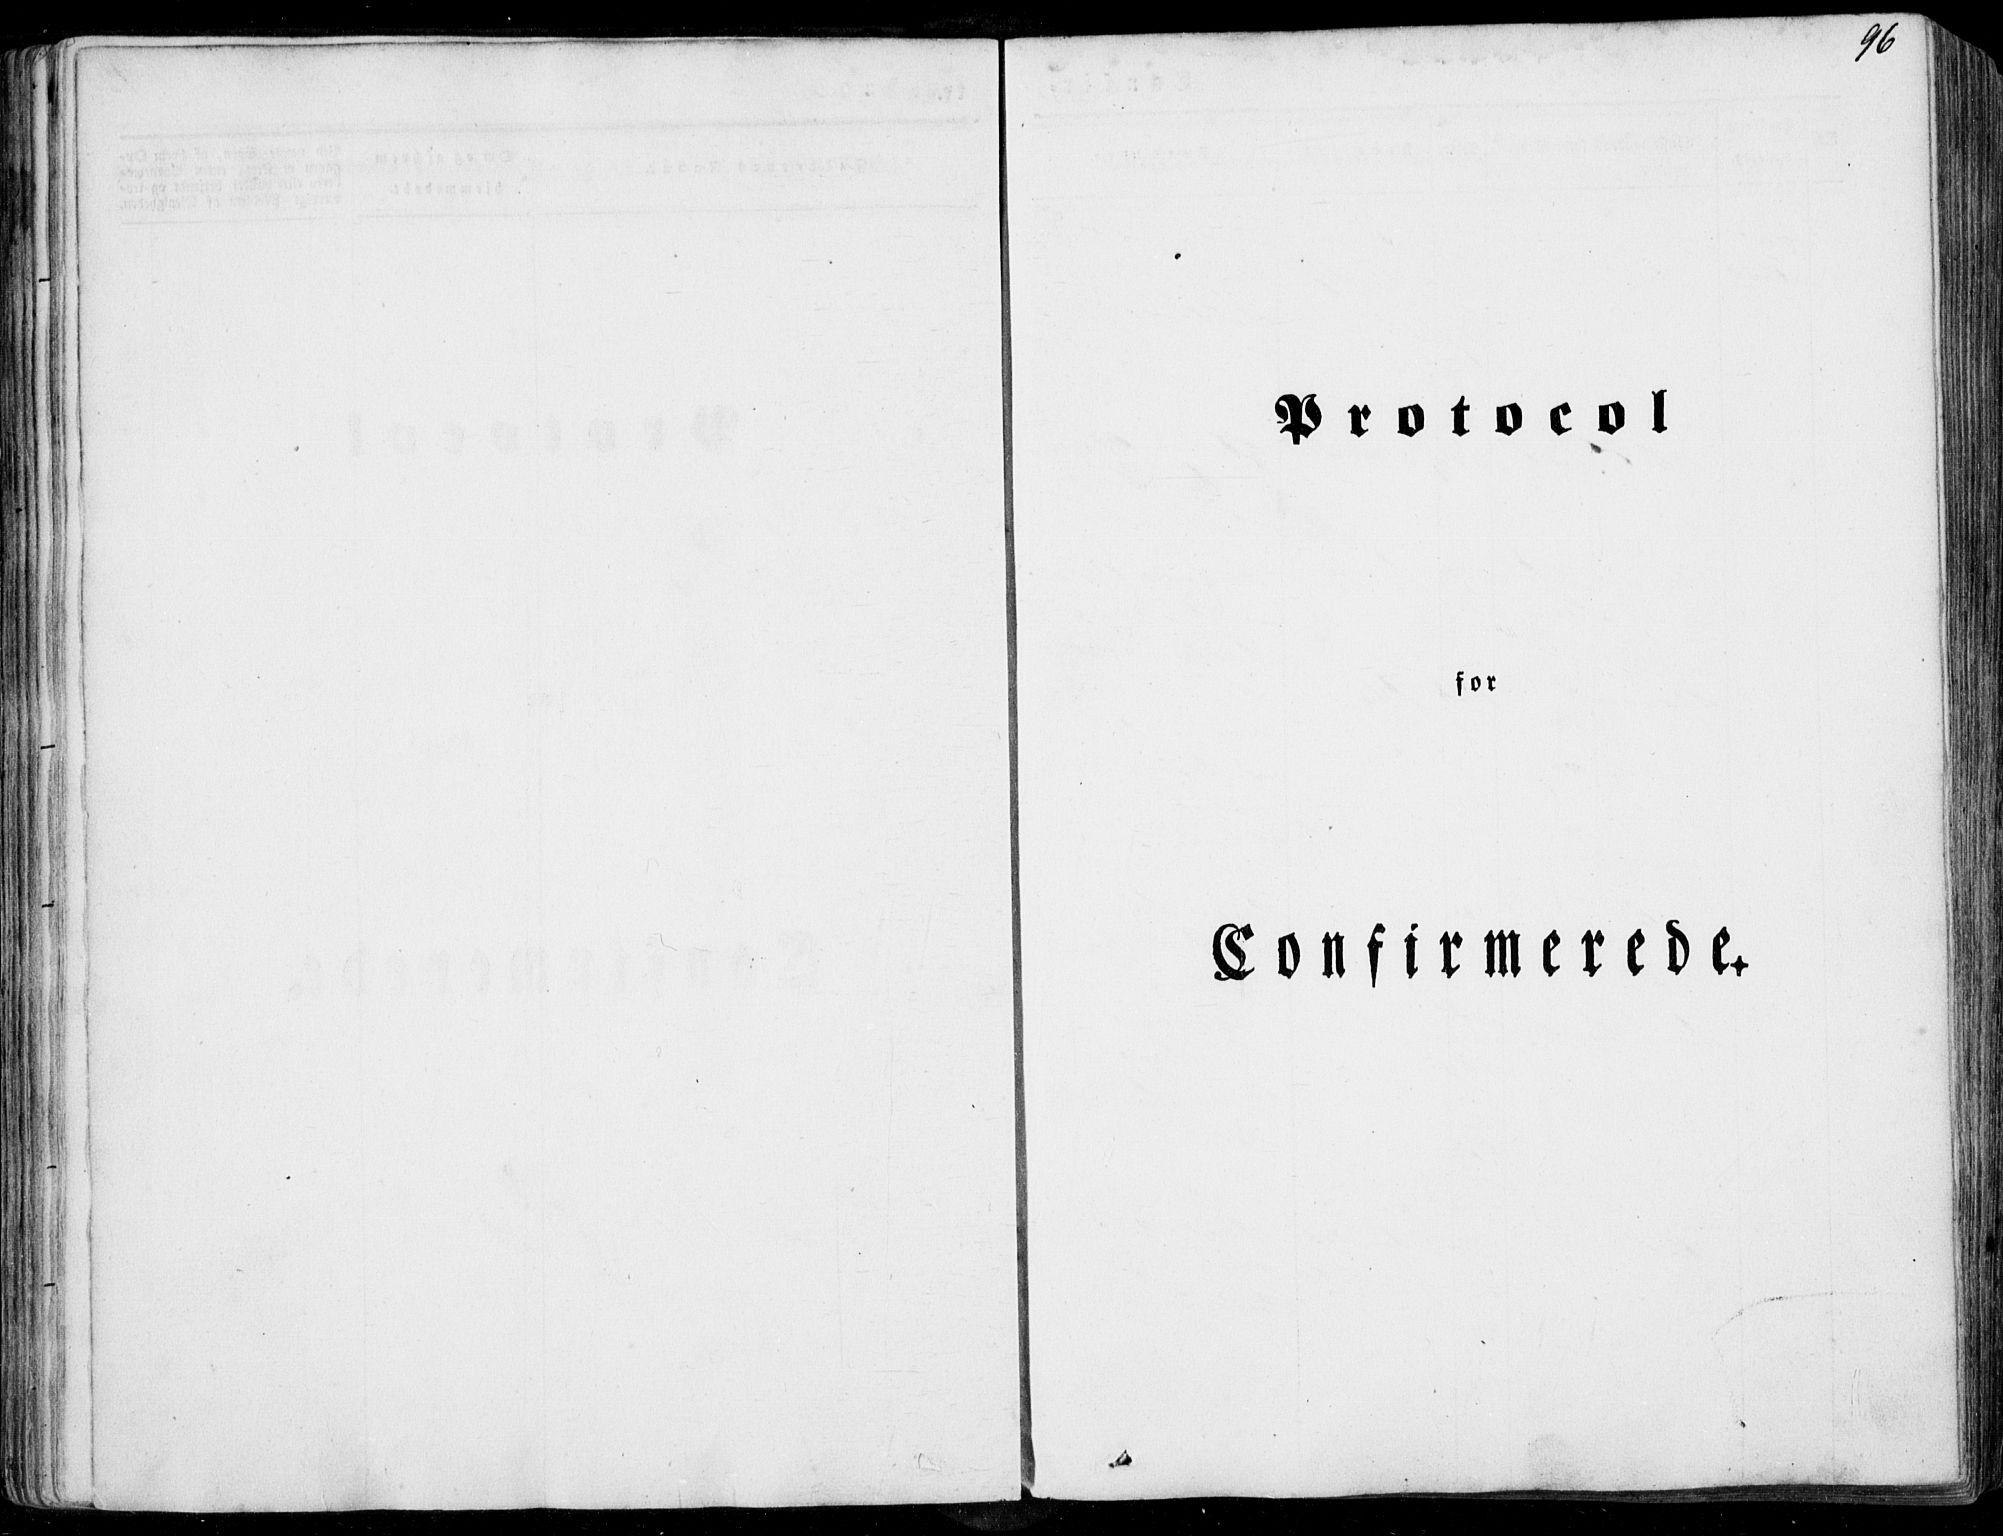 SAT, Ministerialprotokoller, klokkerbøker og fødselsregistre - Møre og Romsdal, 536/L0497: Parish register (official) no. 536A06, 1845-1865, p. 96